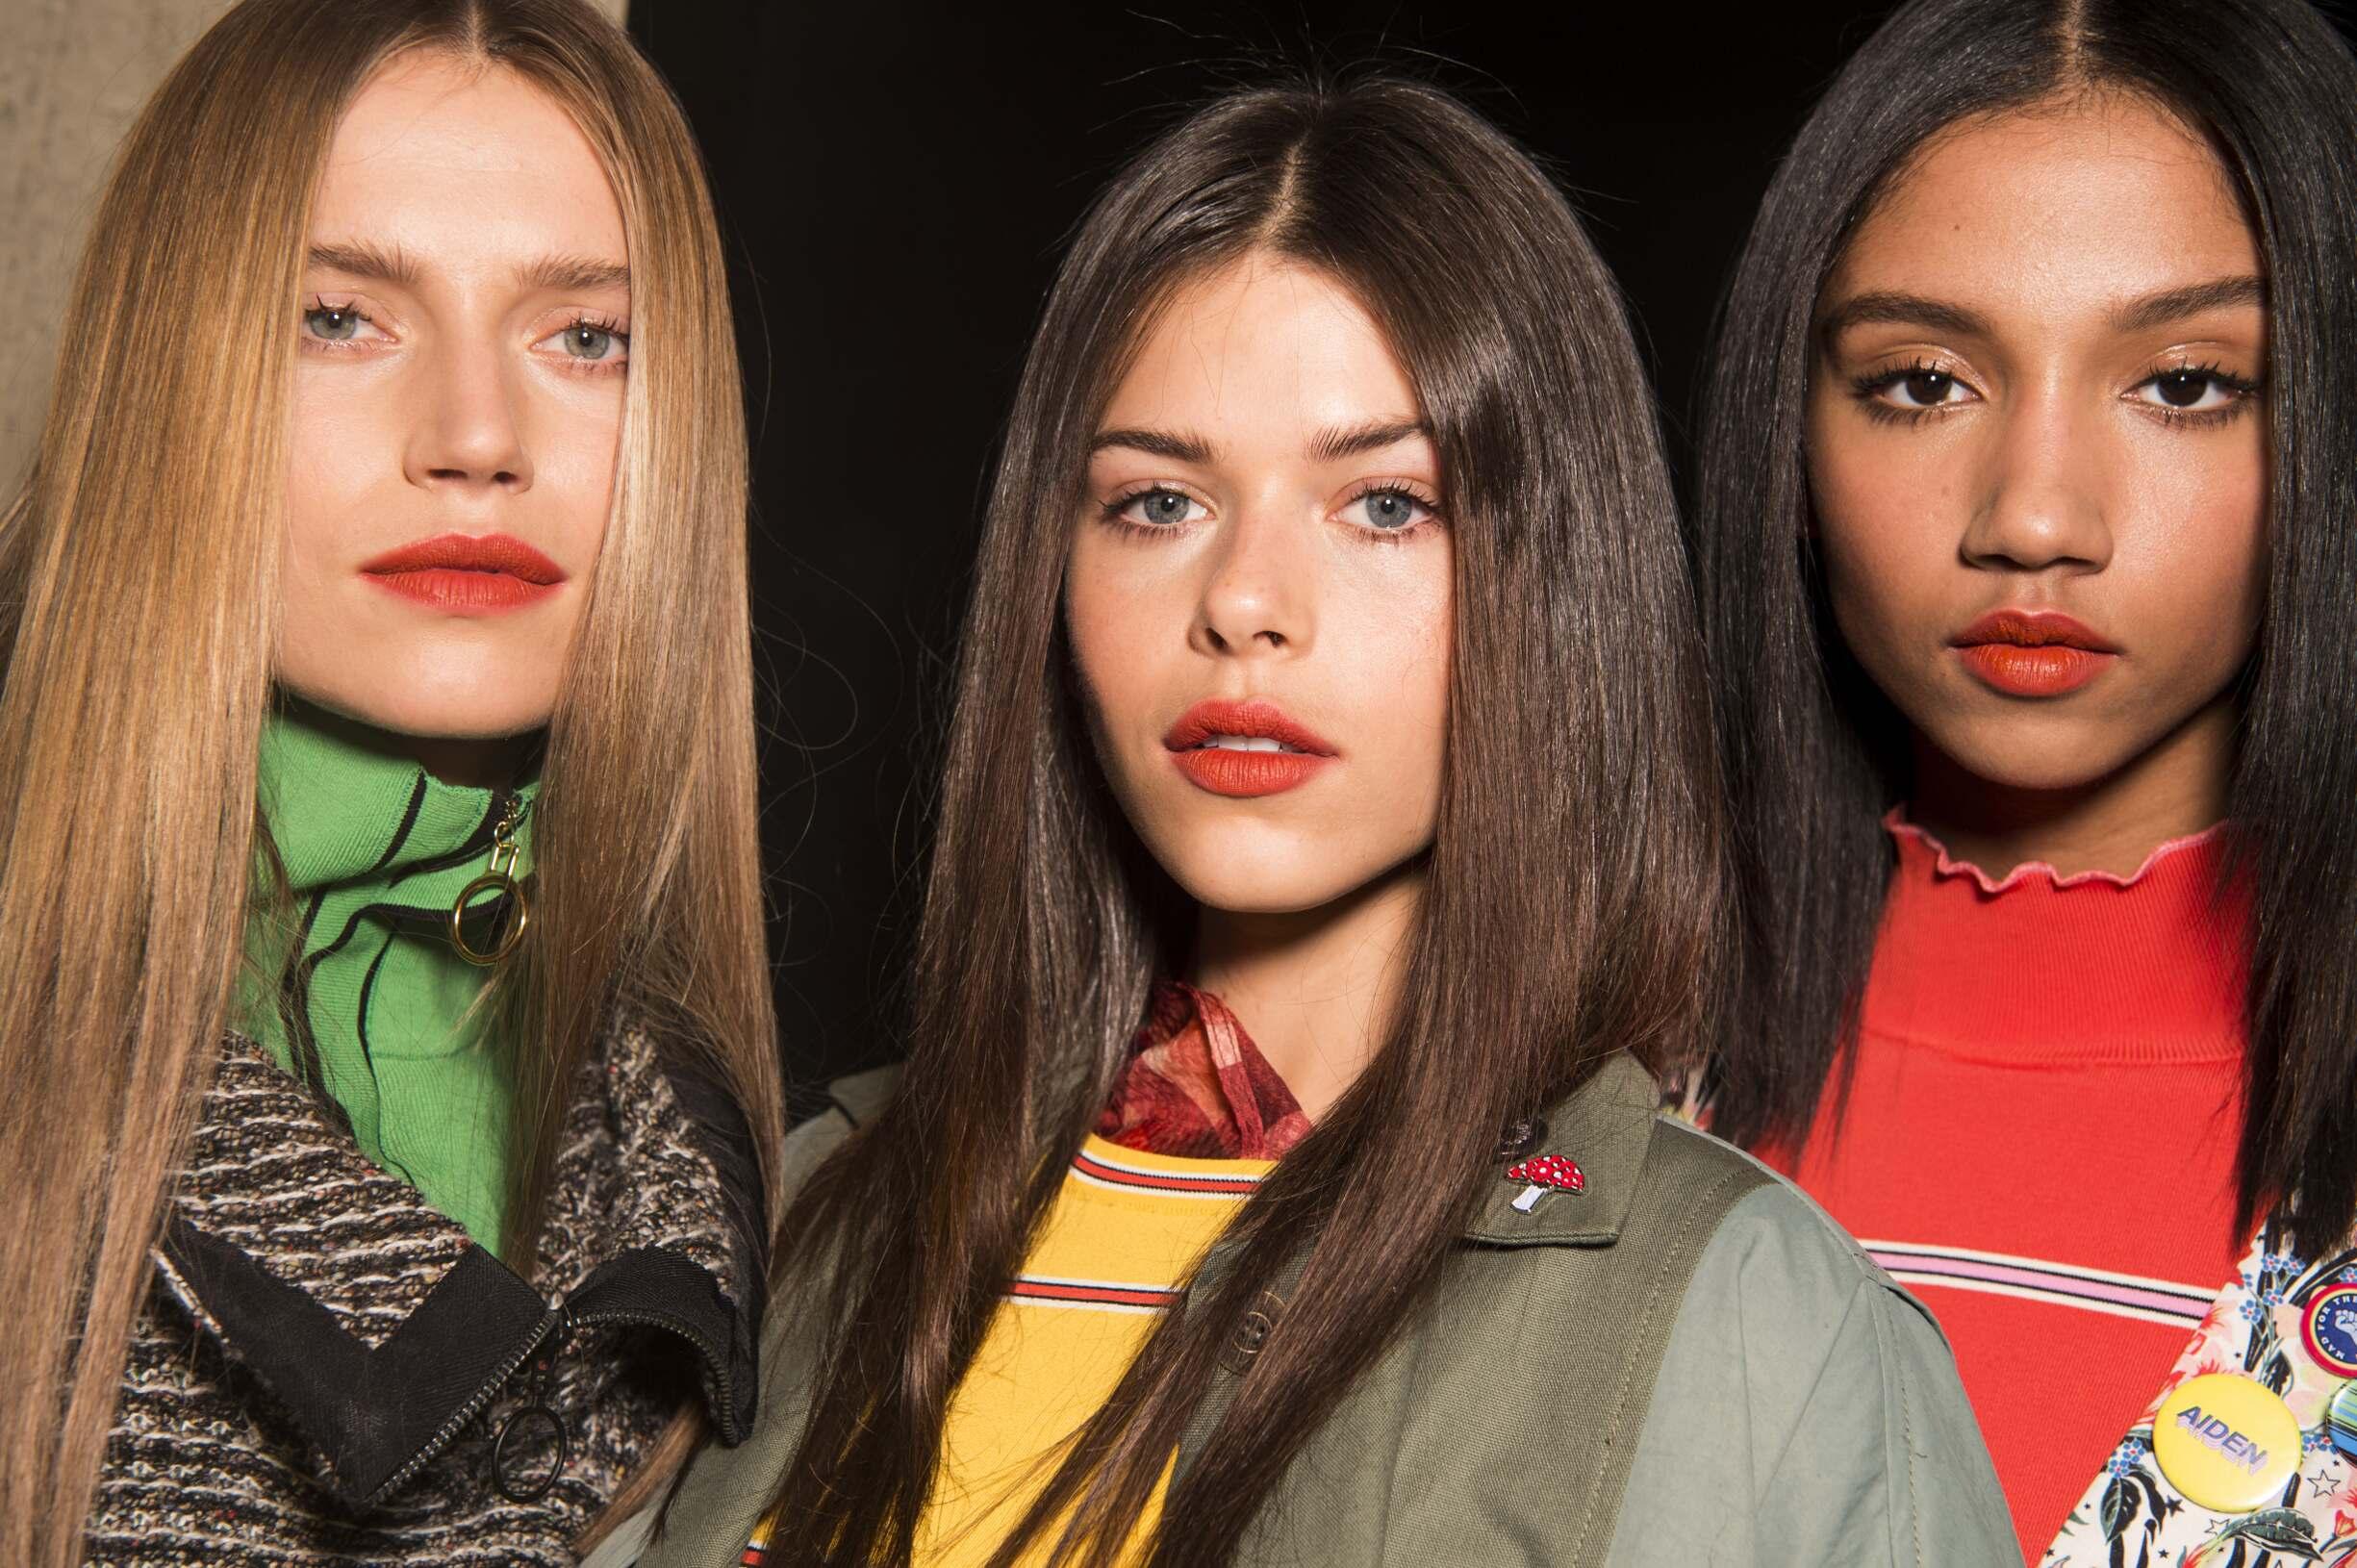 Models Topshop Unique London Fashion week